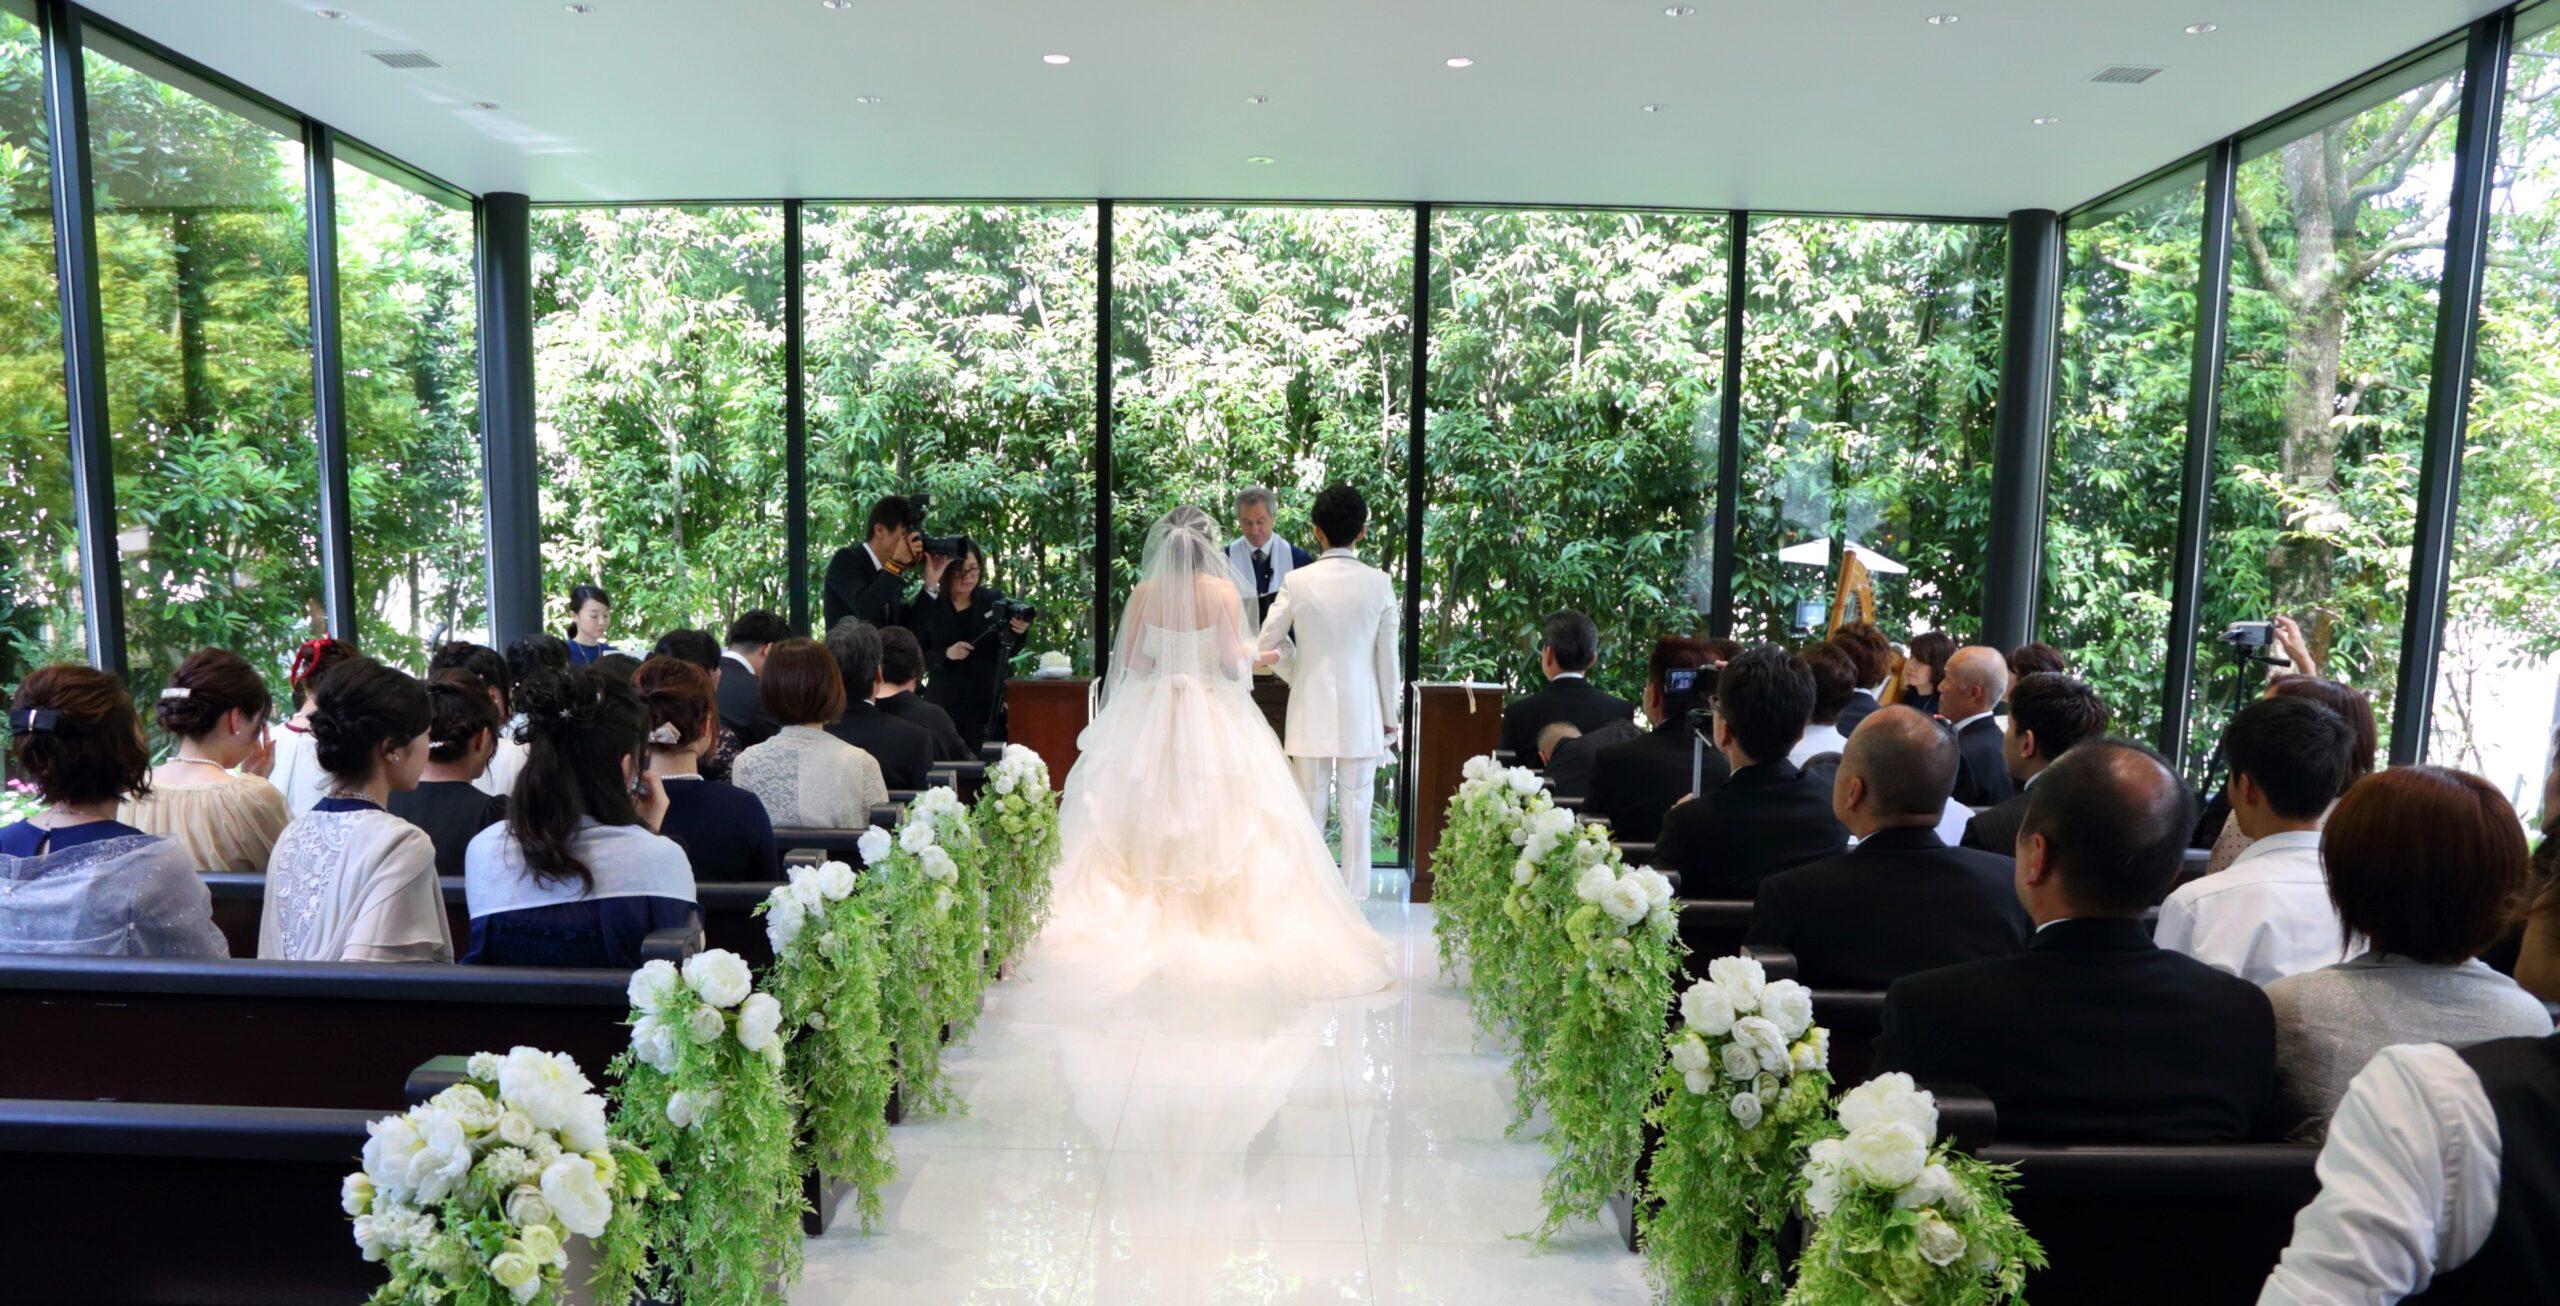 袋井で結婚式場を探すならザ・ハウス愛野が絶対におすすめ!